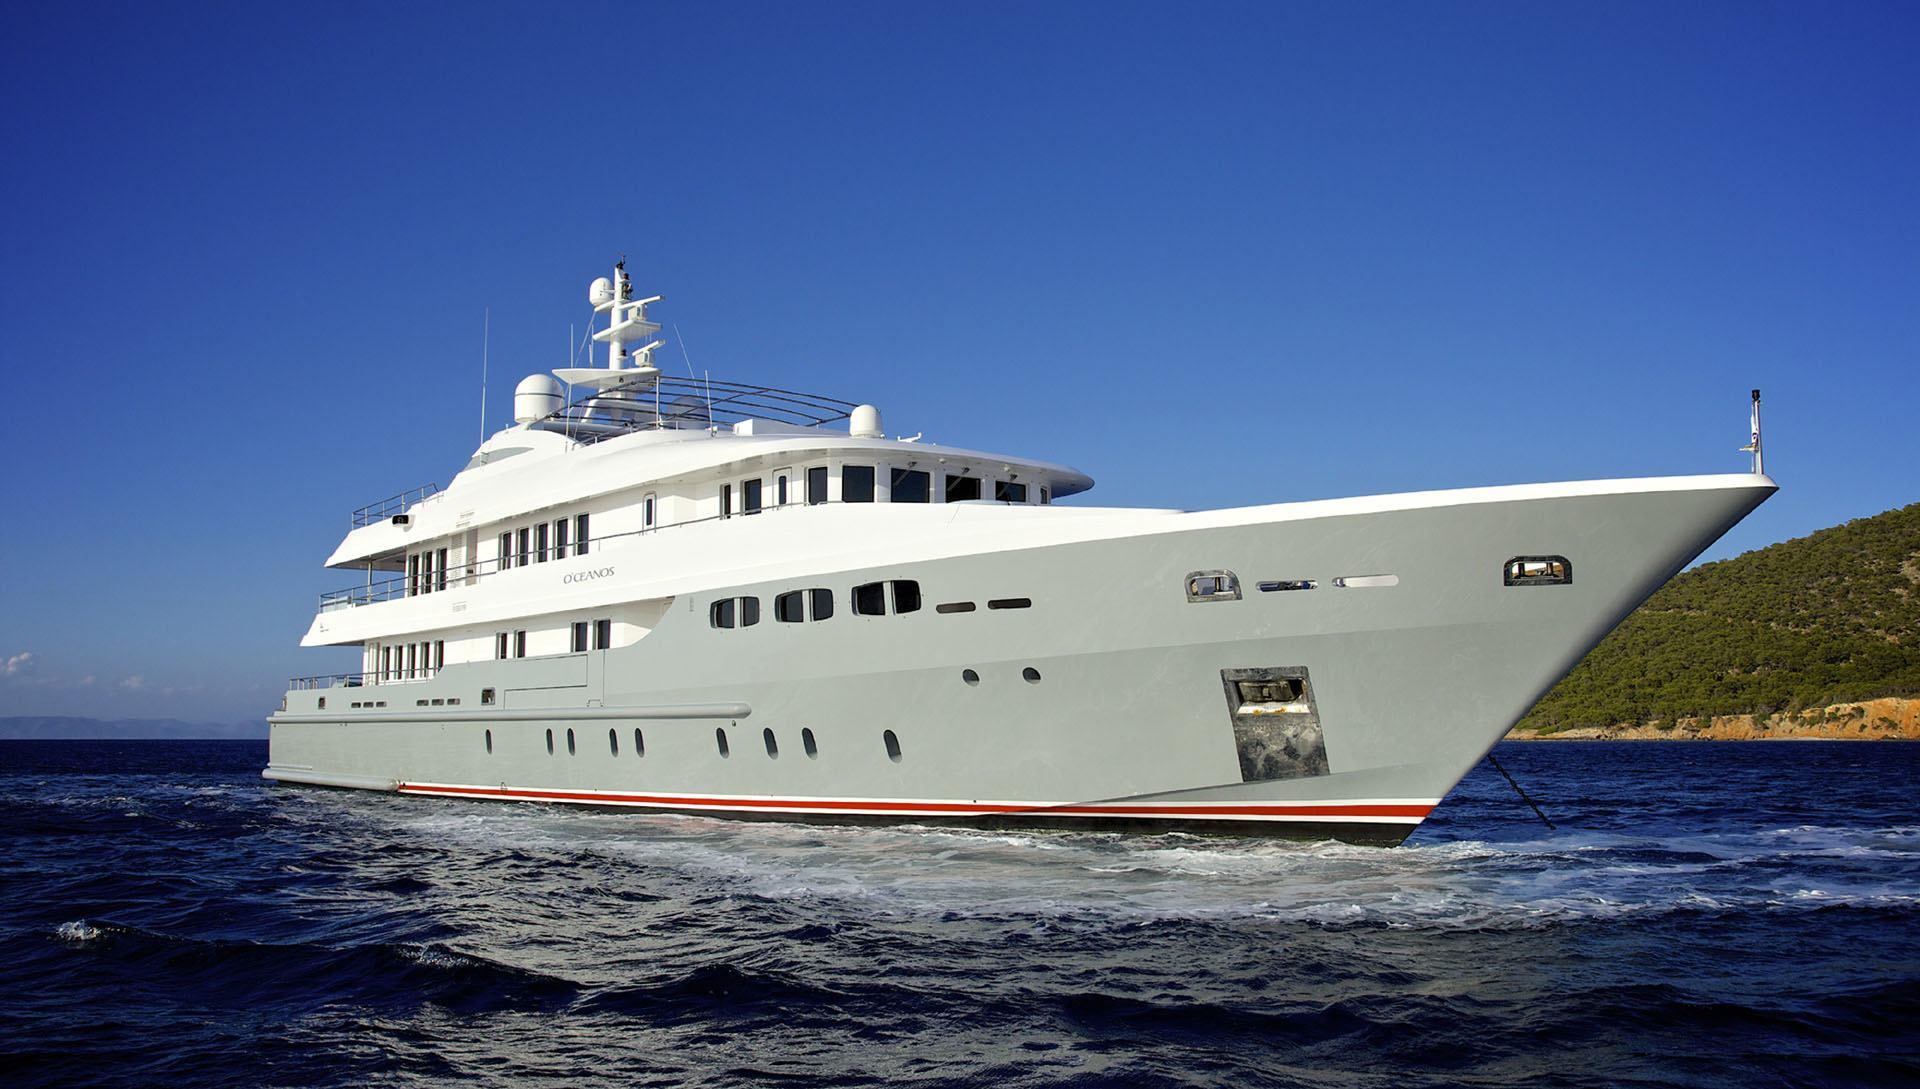 O'CEANOS yahcht